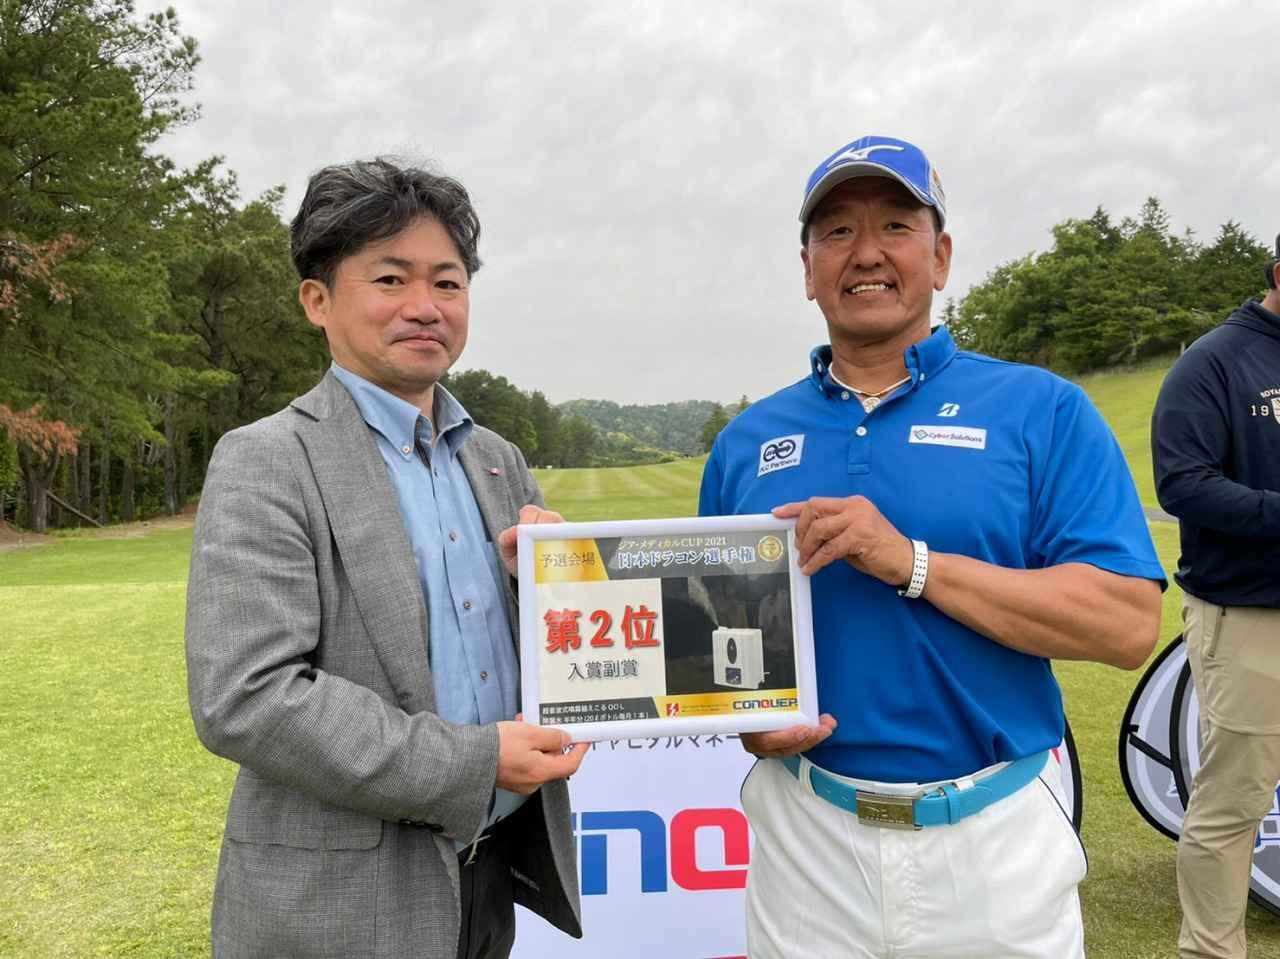 画像: 第8予選 シニア(50+)第2位 岡田 選手